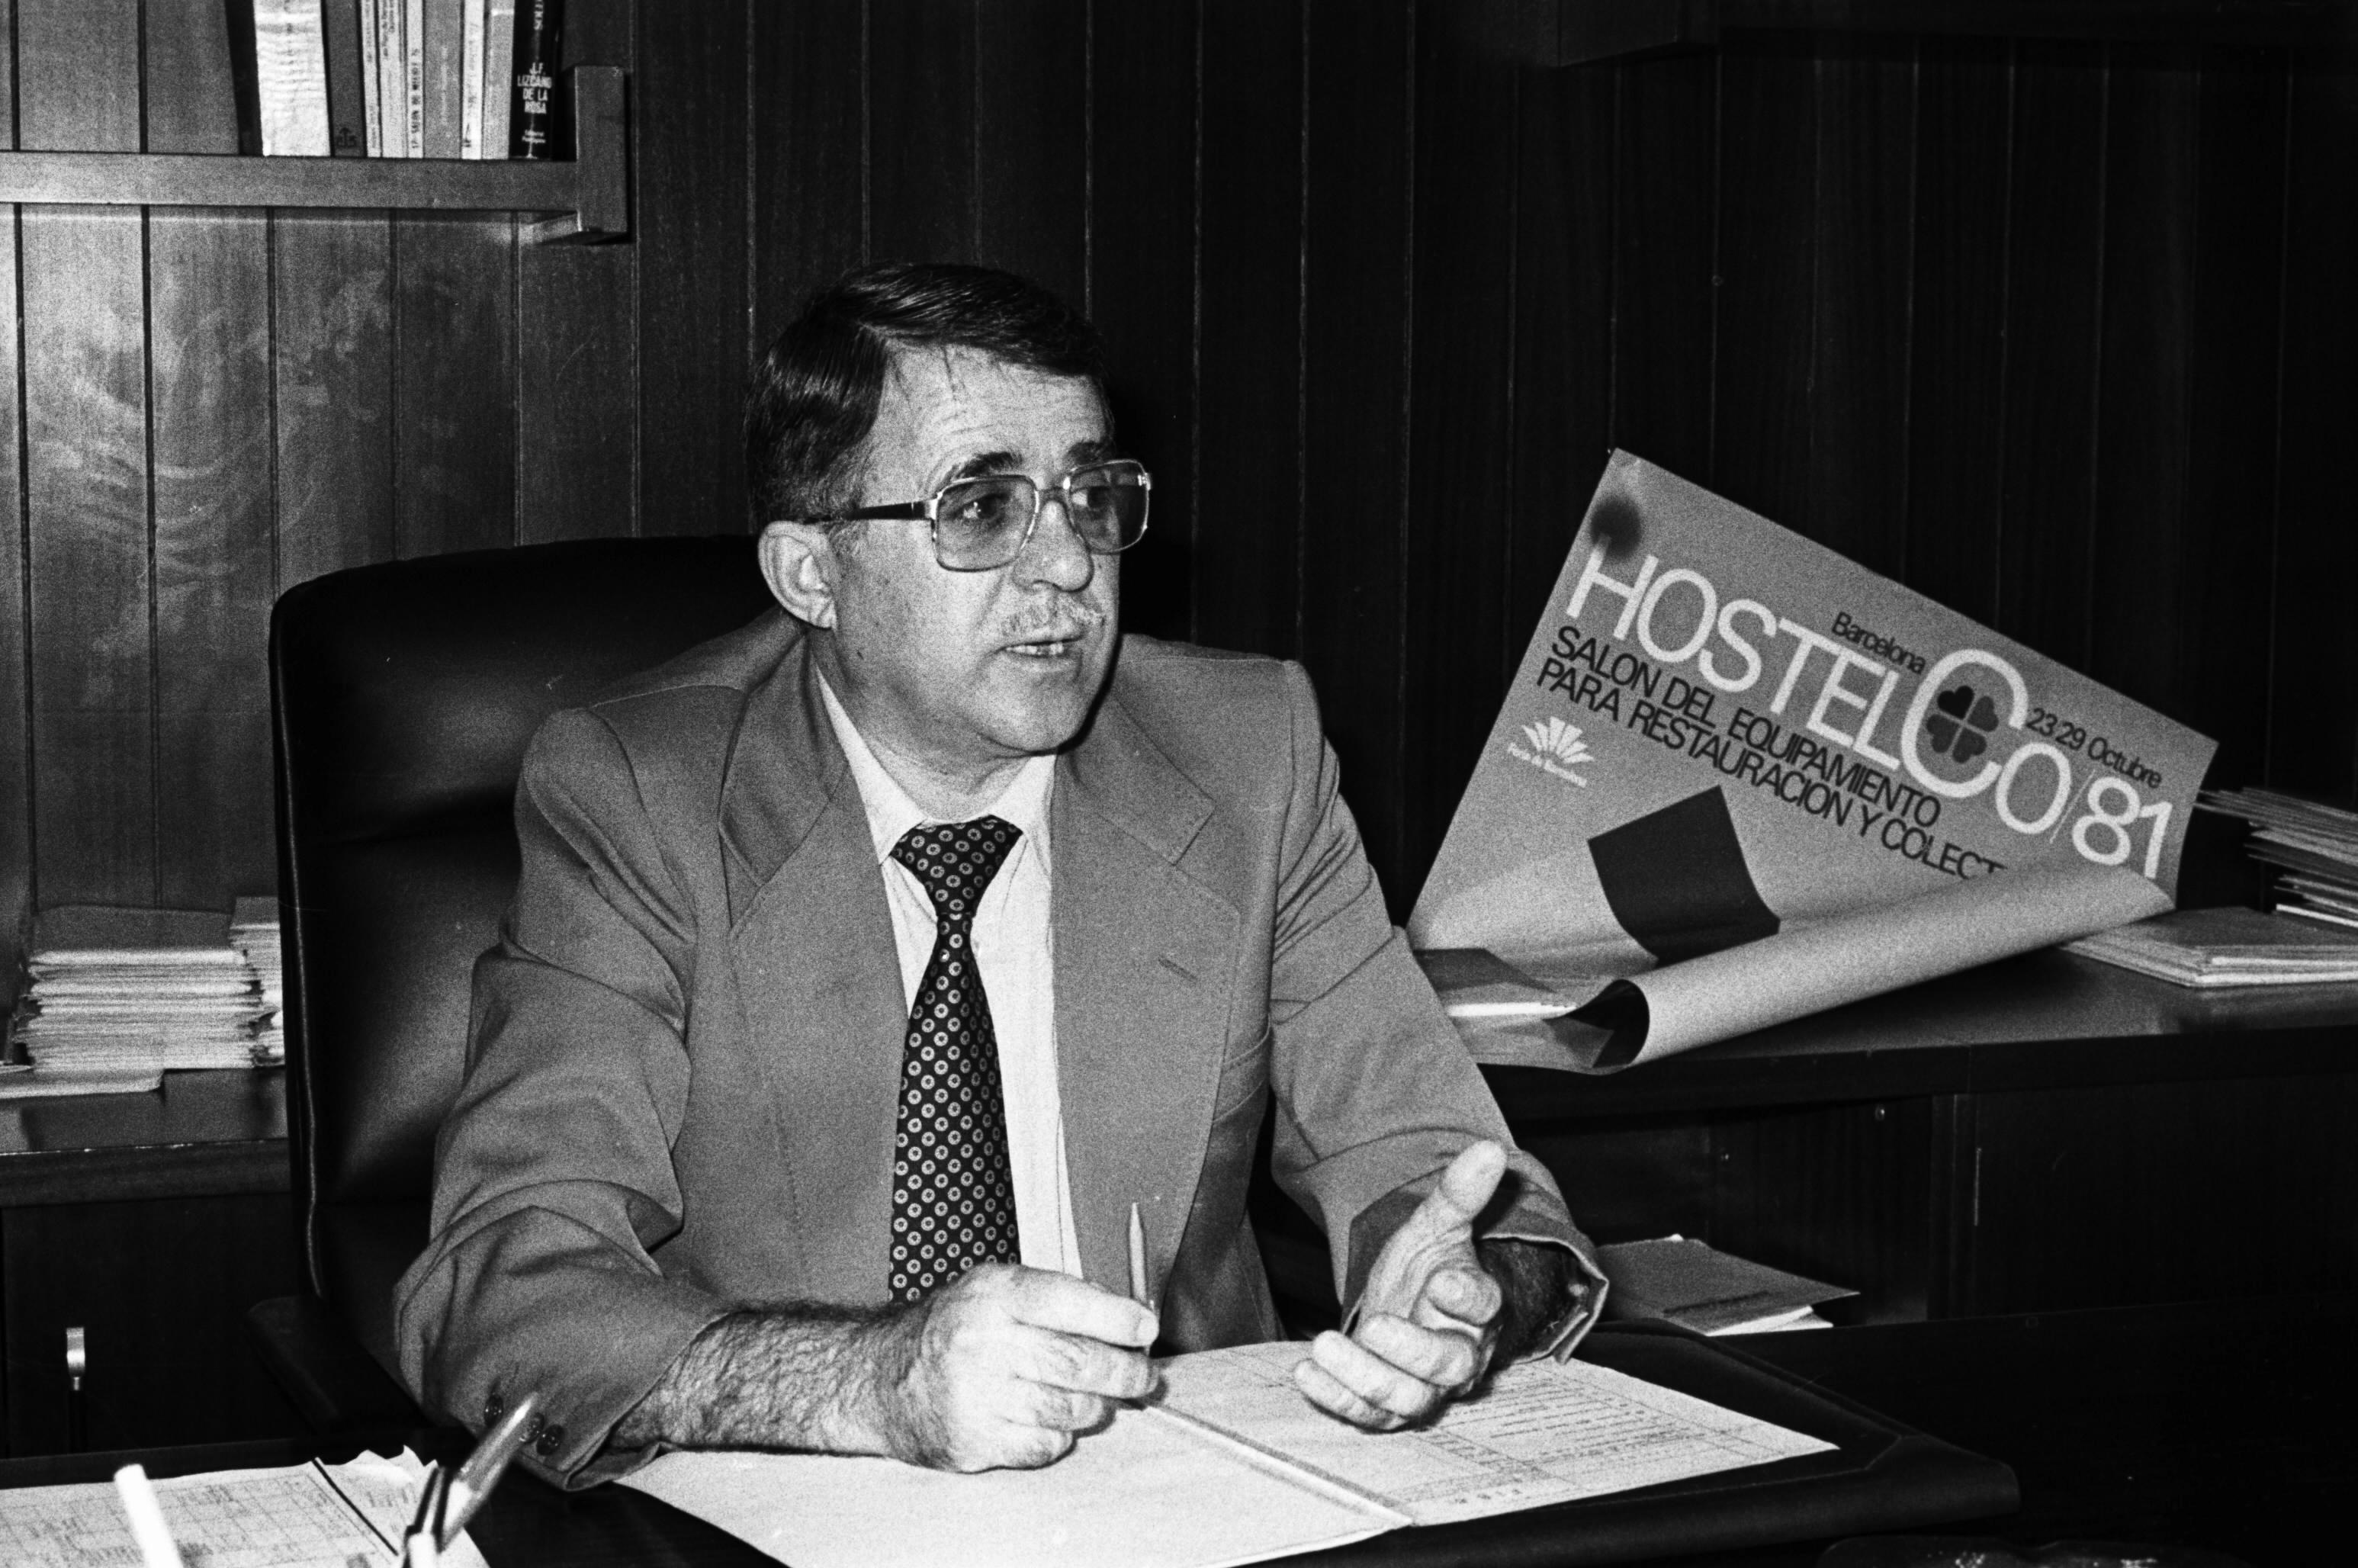 HOSTELCO-1981 (2)